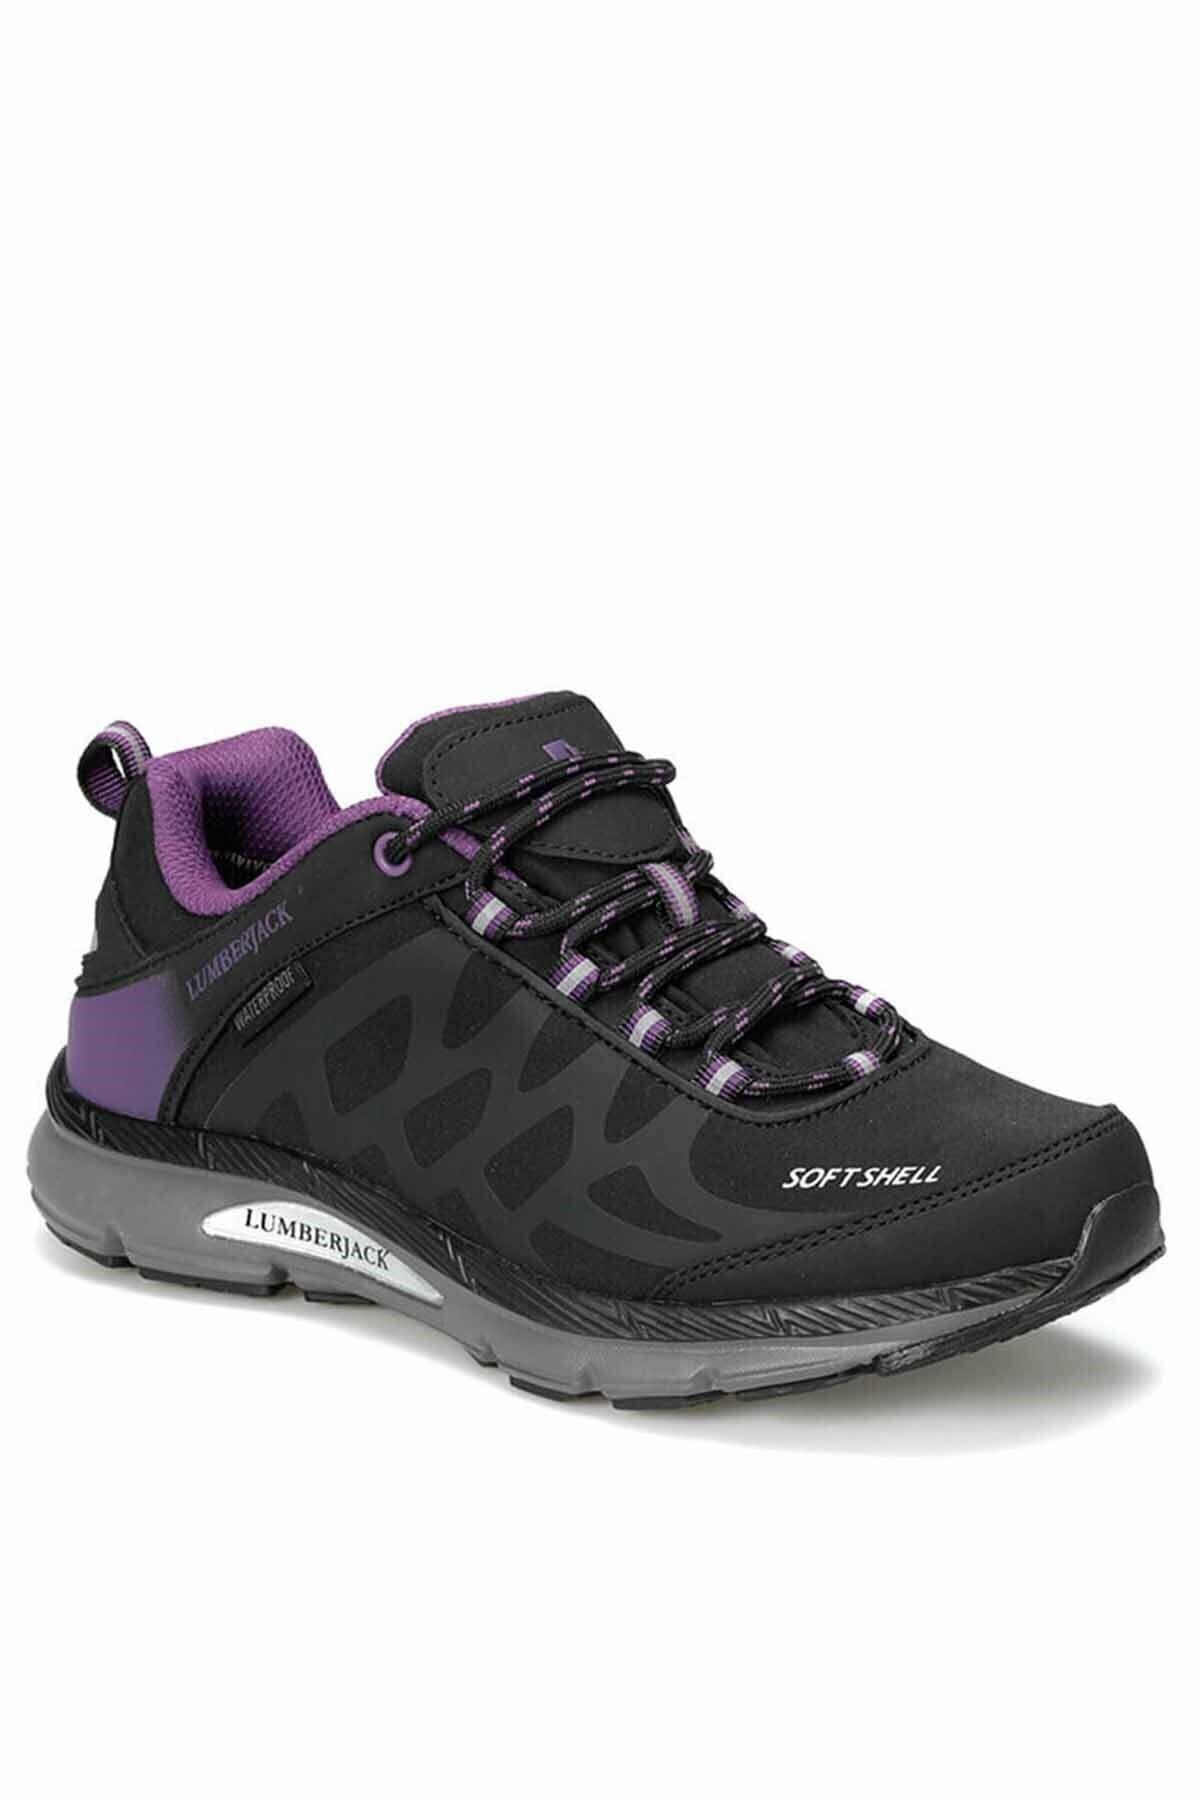 lumberjack Siyah Mor Kadın Outdoor Ayakkabı 1